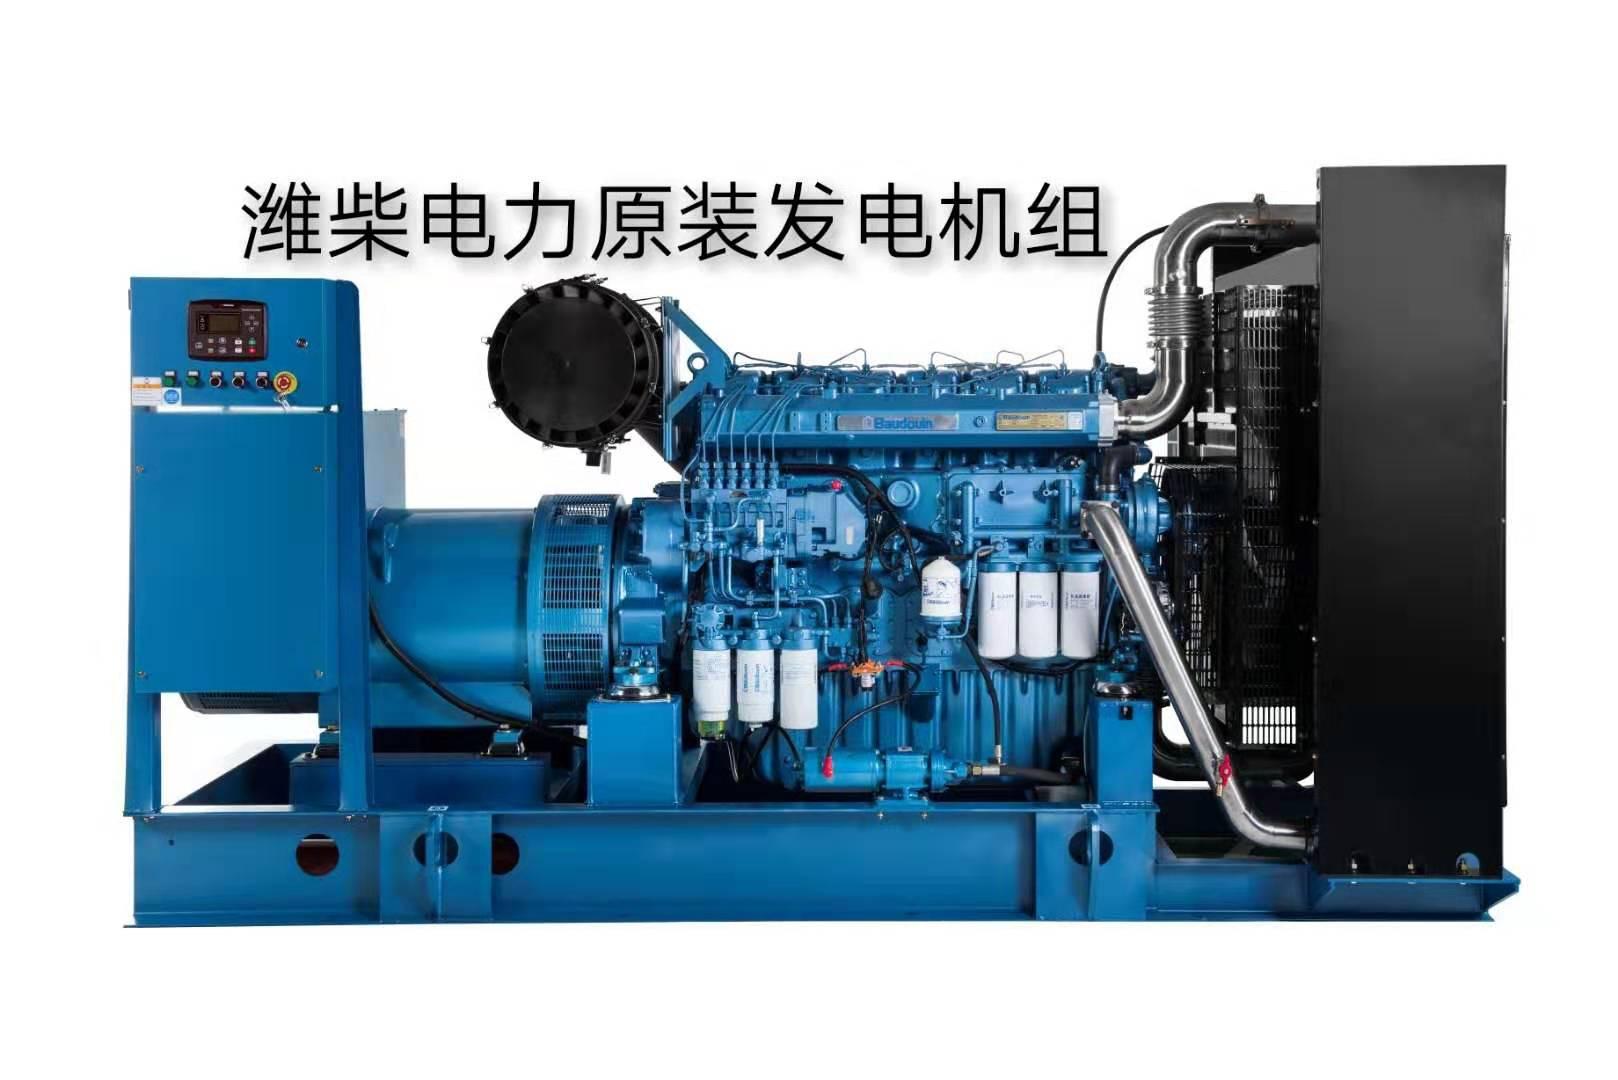 潍柴600kw柴油发电机组-原装潍柴发电机组型号厂家供应